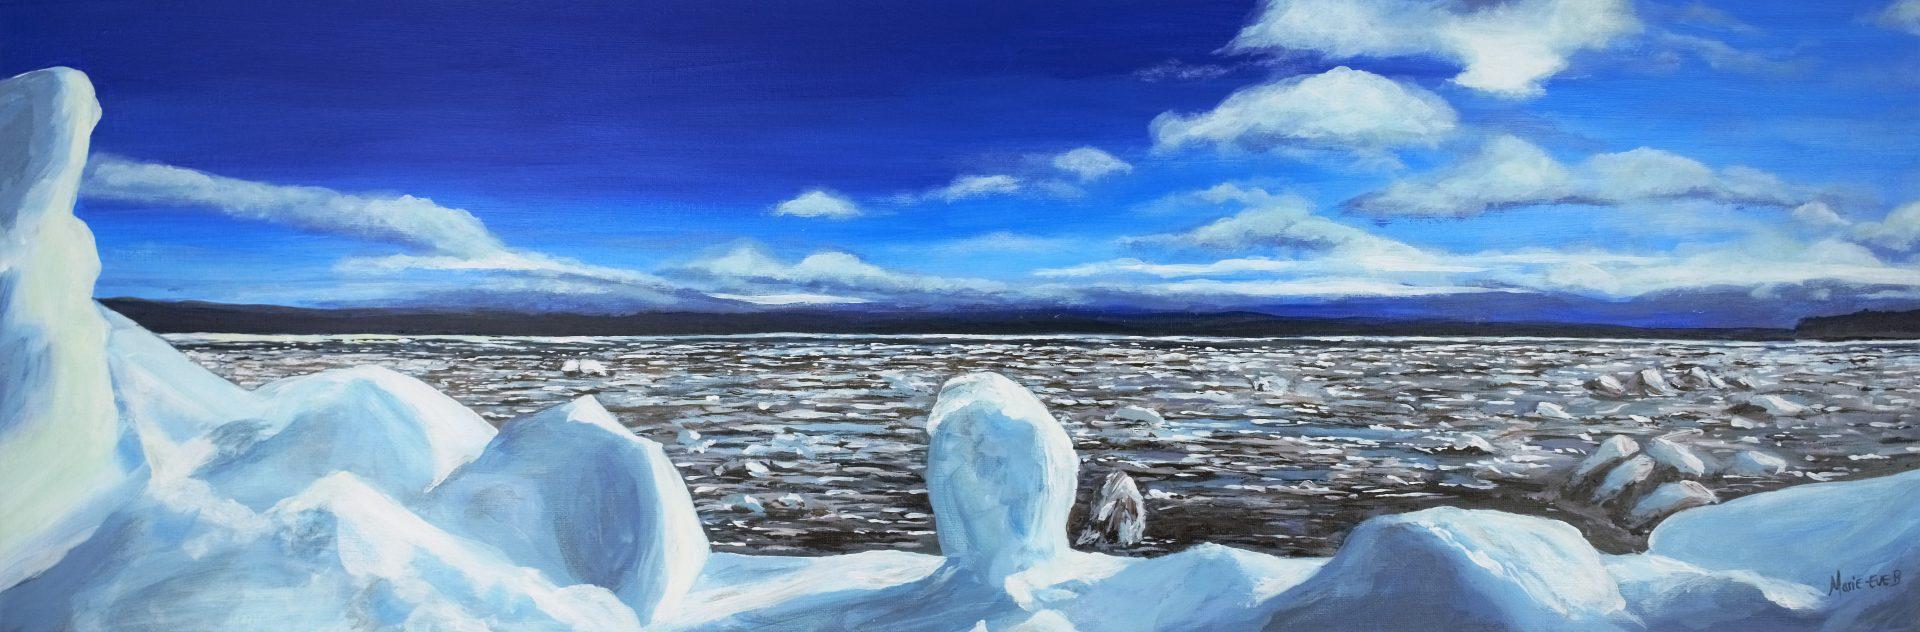 180 degrés de glace